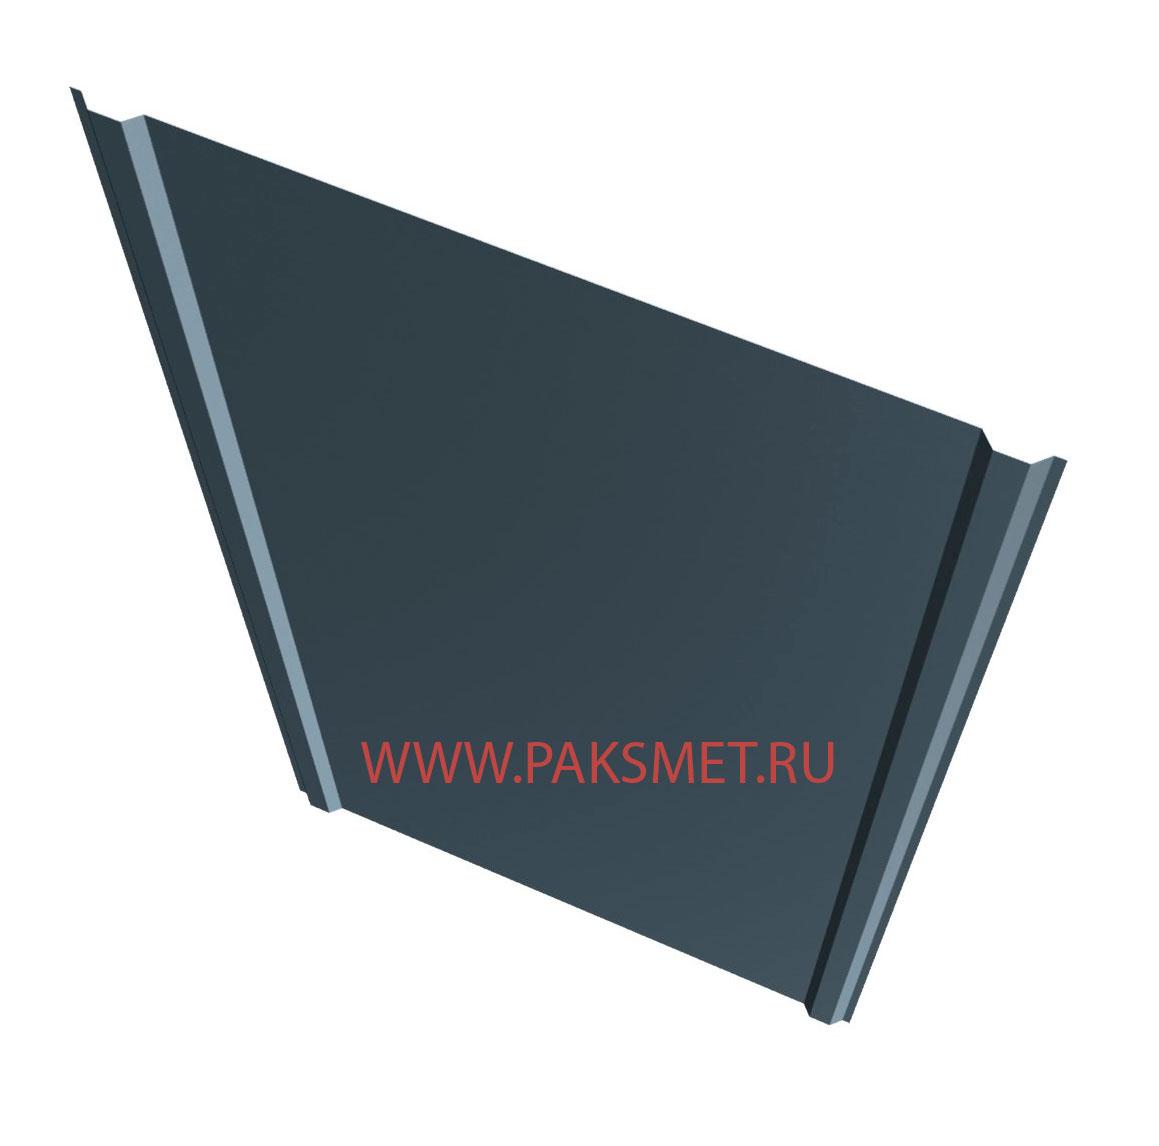 Задняя стенка для металлического стеллажа